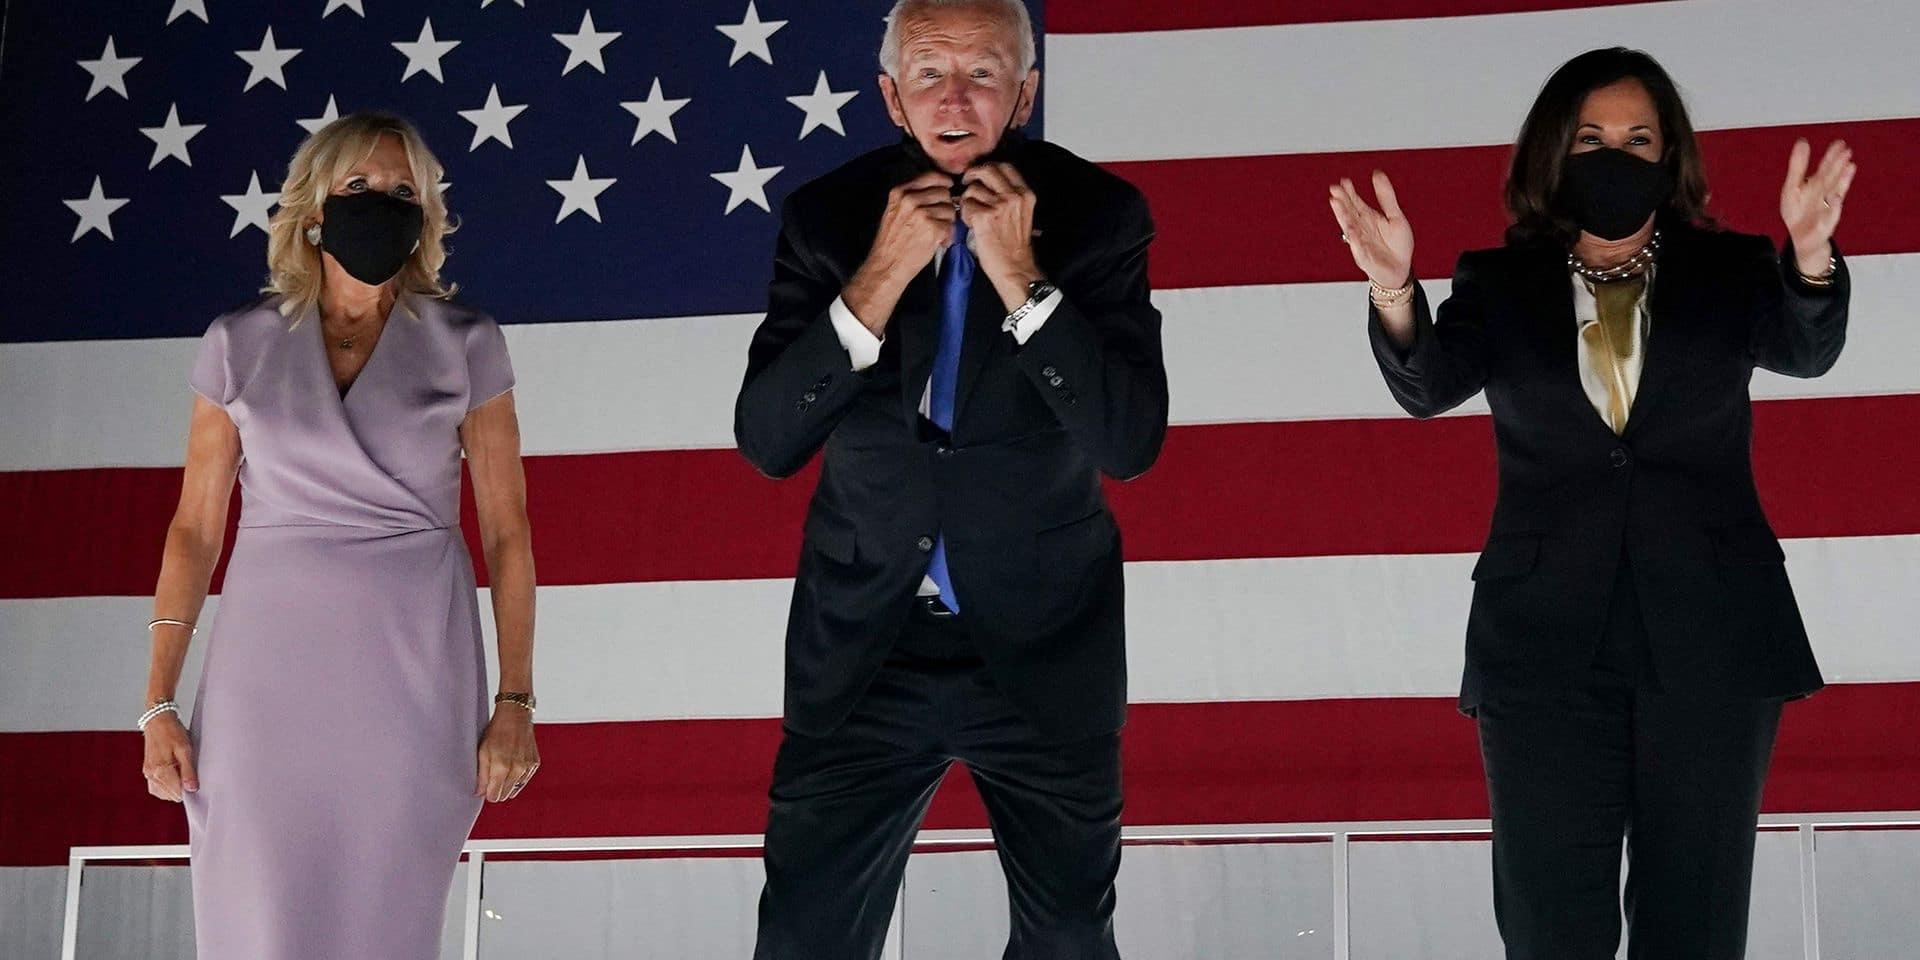 """Mission accomplie pour Joe Biden grâce à une convention sans faute: """"L'actuel président a drapé l'Amérique dans les ténèbres bien trop longtemps"""""""